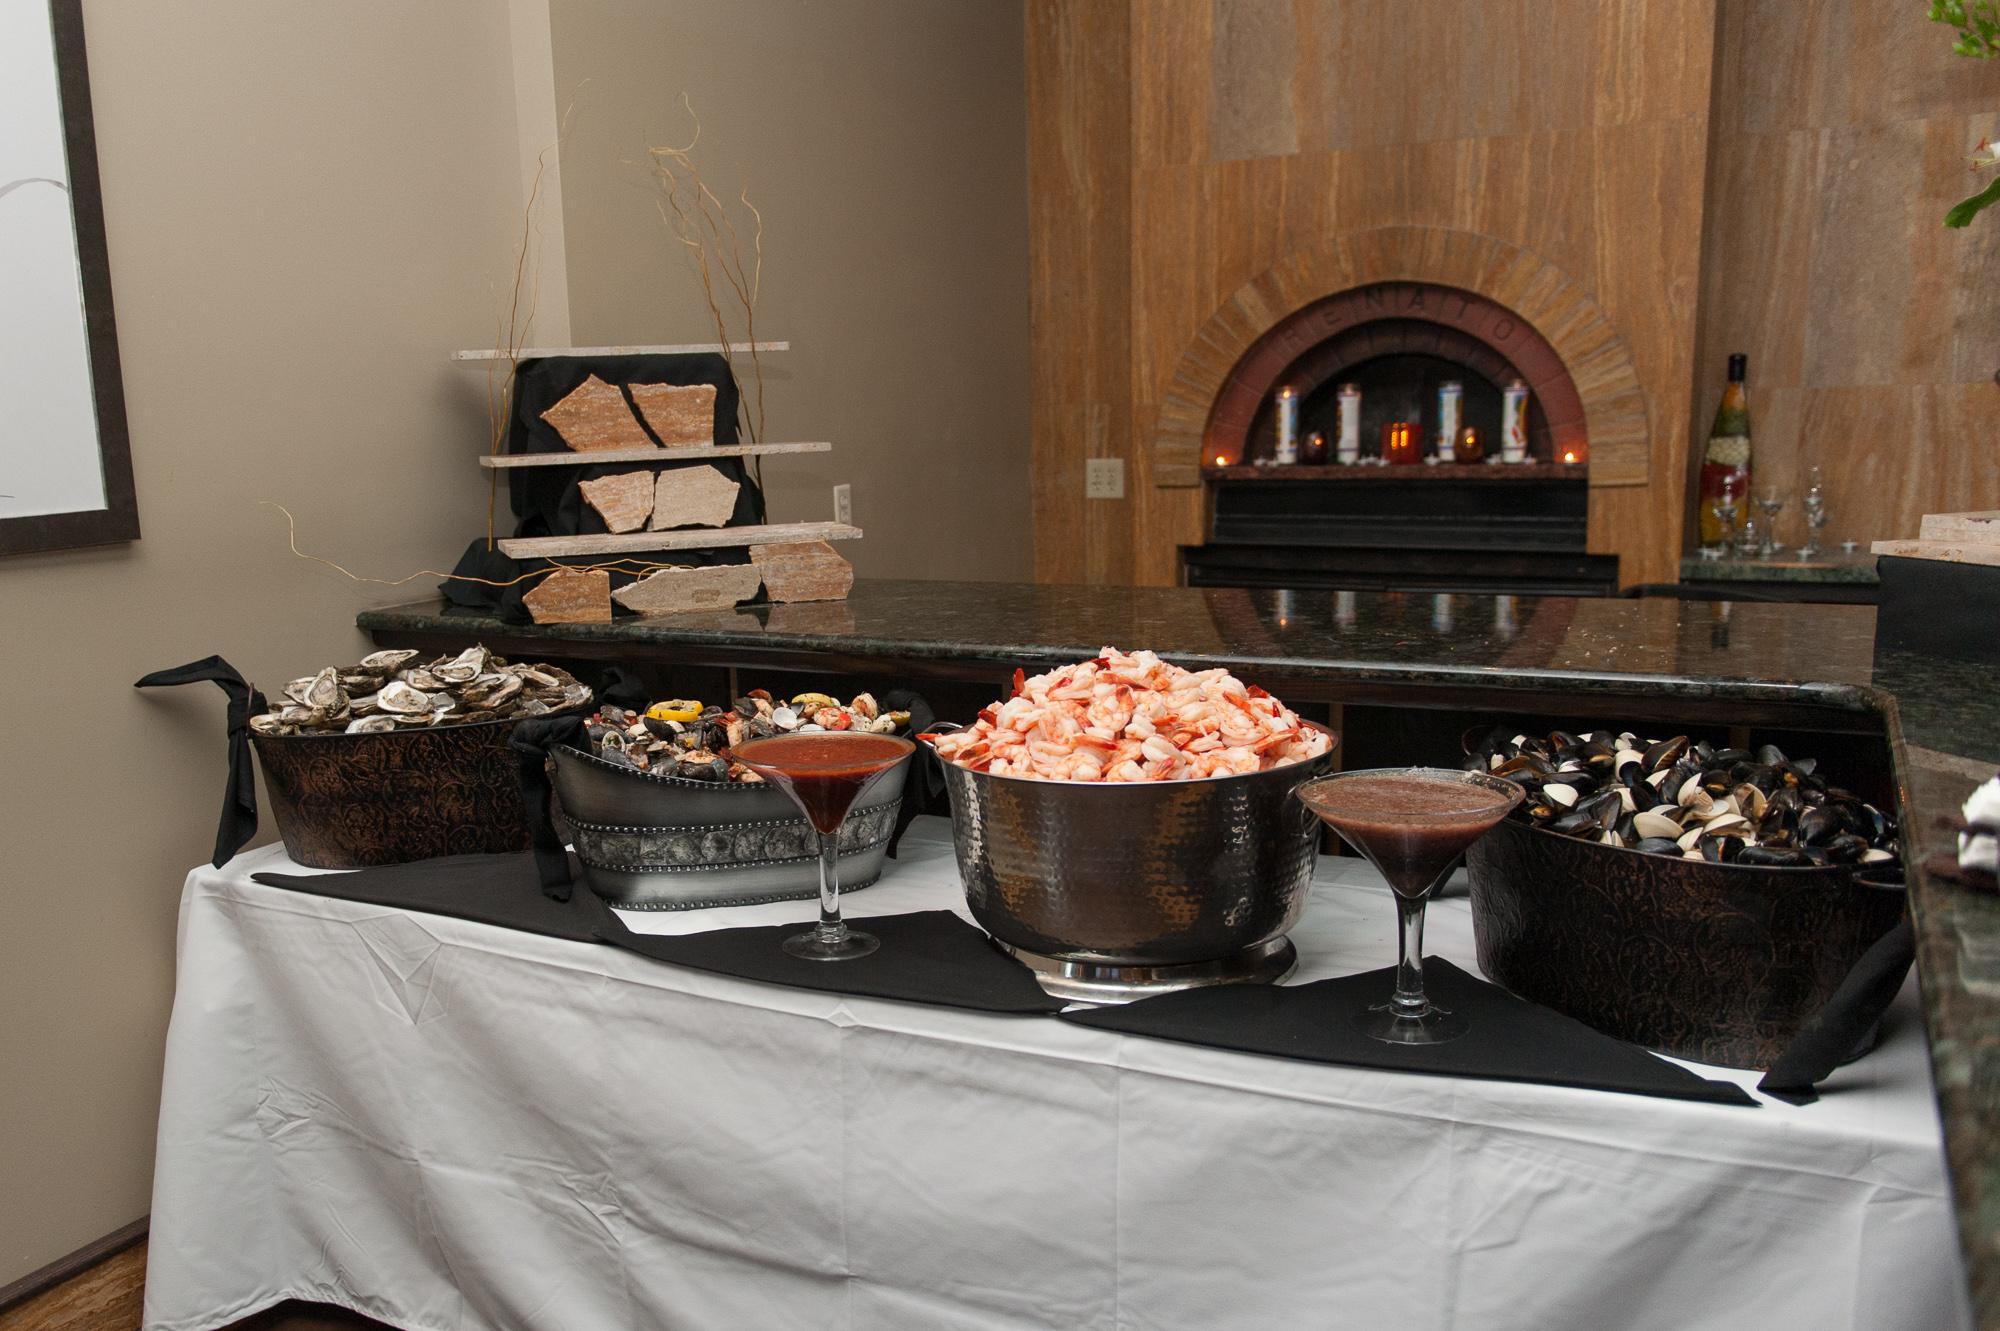 cafe422_boardmangala_foodstaff_d5group-23.jpg